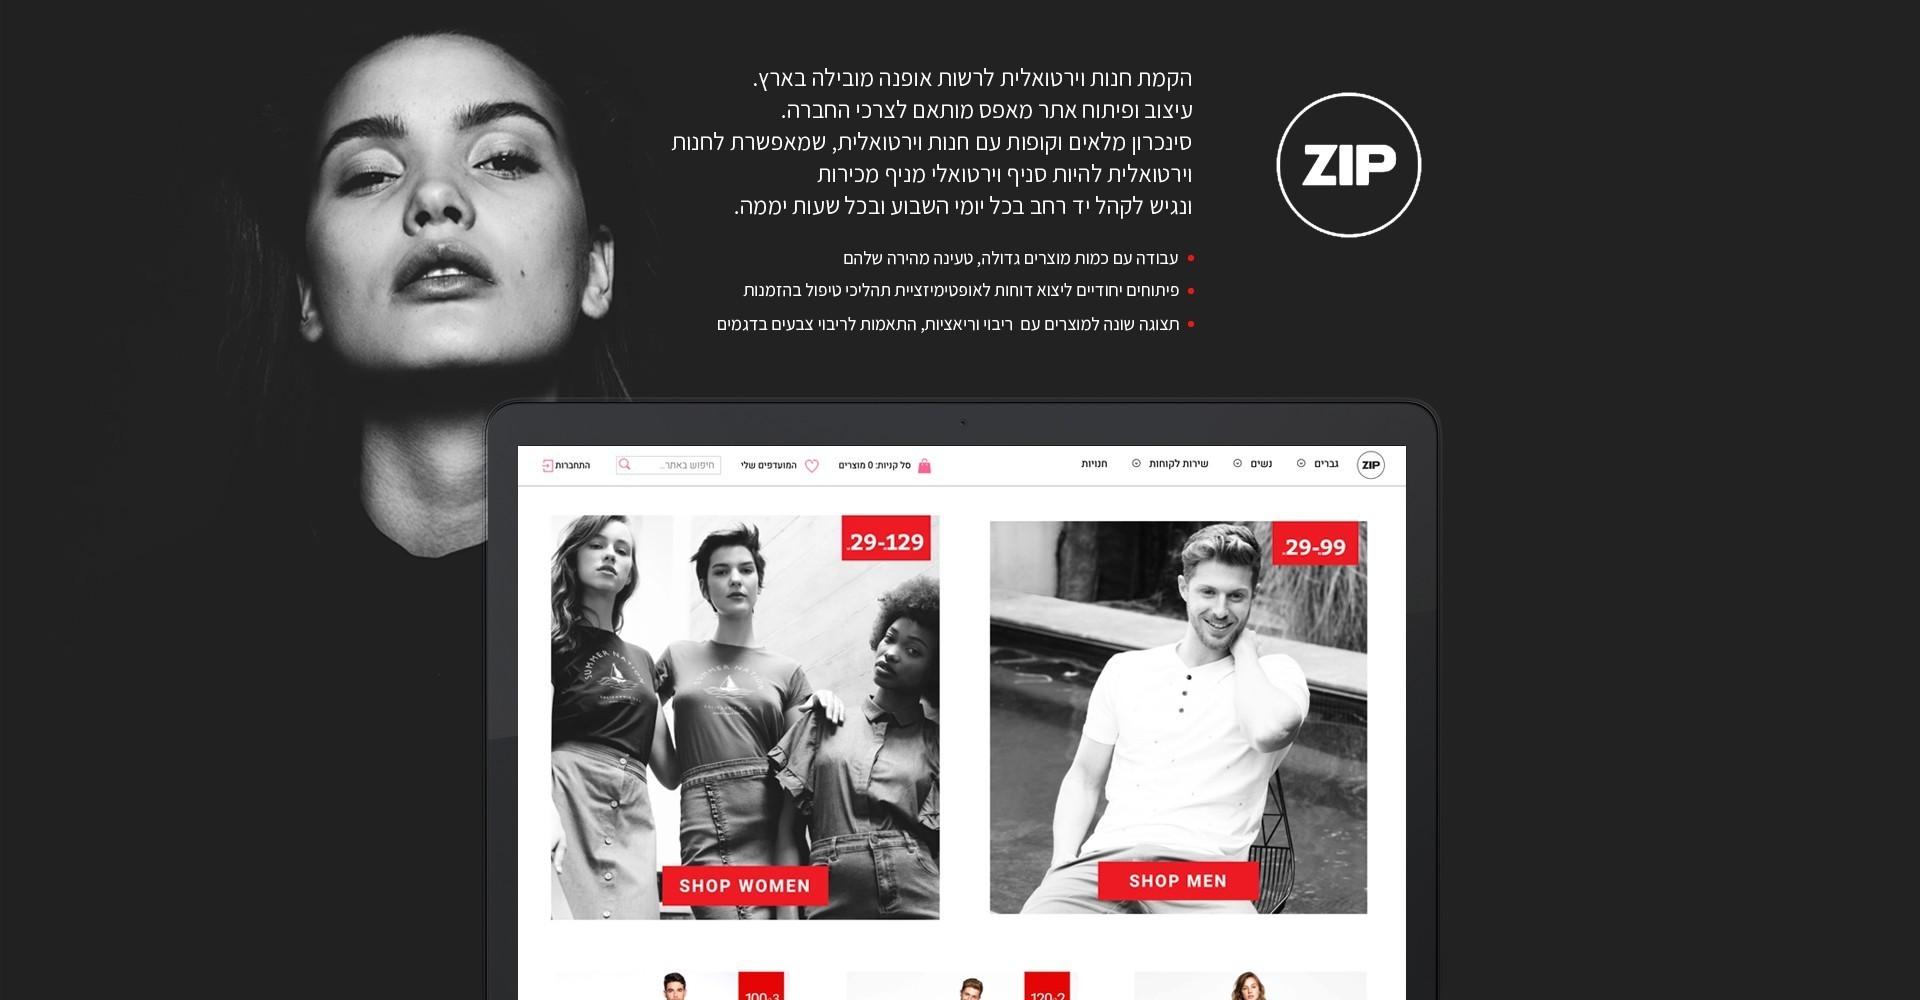 ZIP - חנות וירטואלית אופנת גברים/נשים